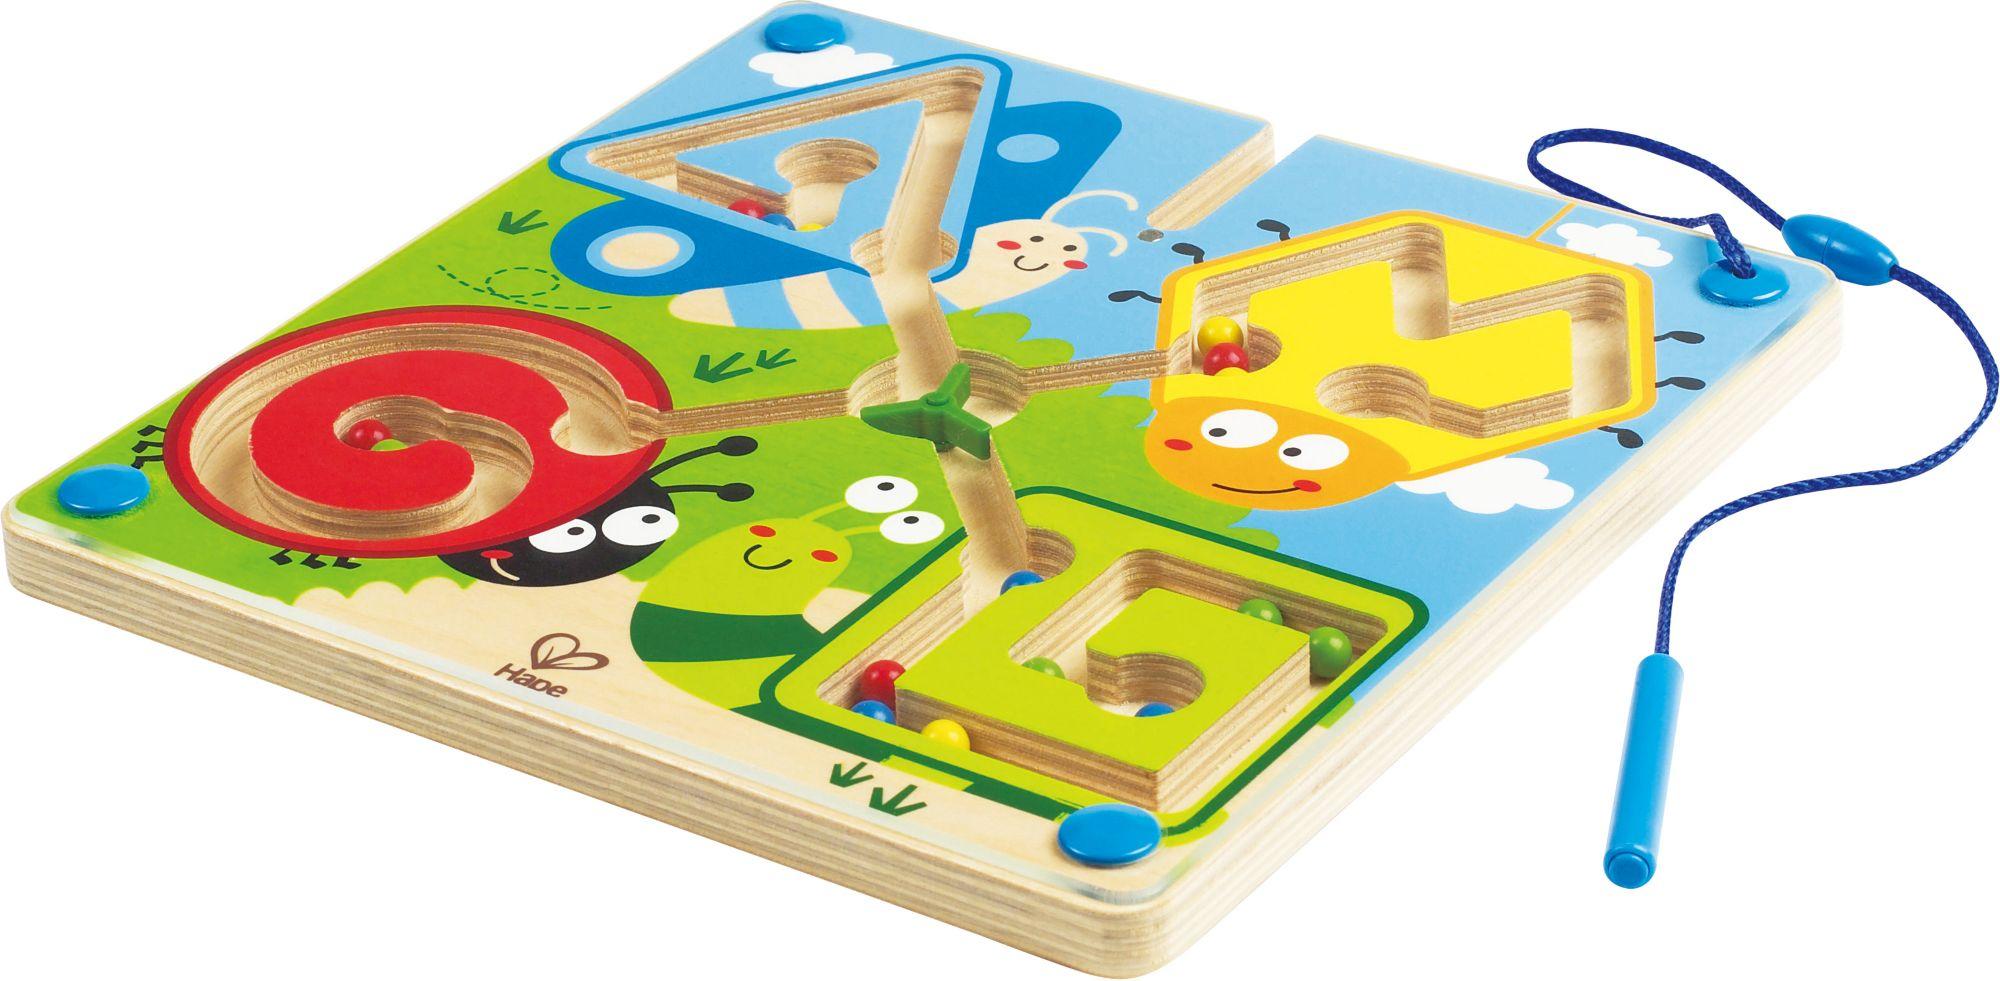 HAPE Hape Magnetspiel aus Holz, »Kleine Tierwelt«